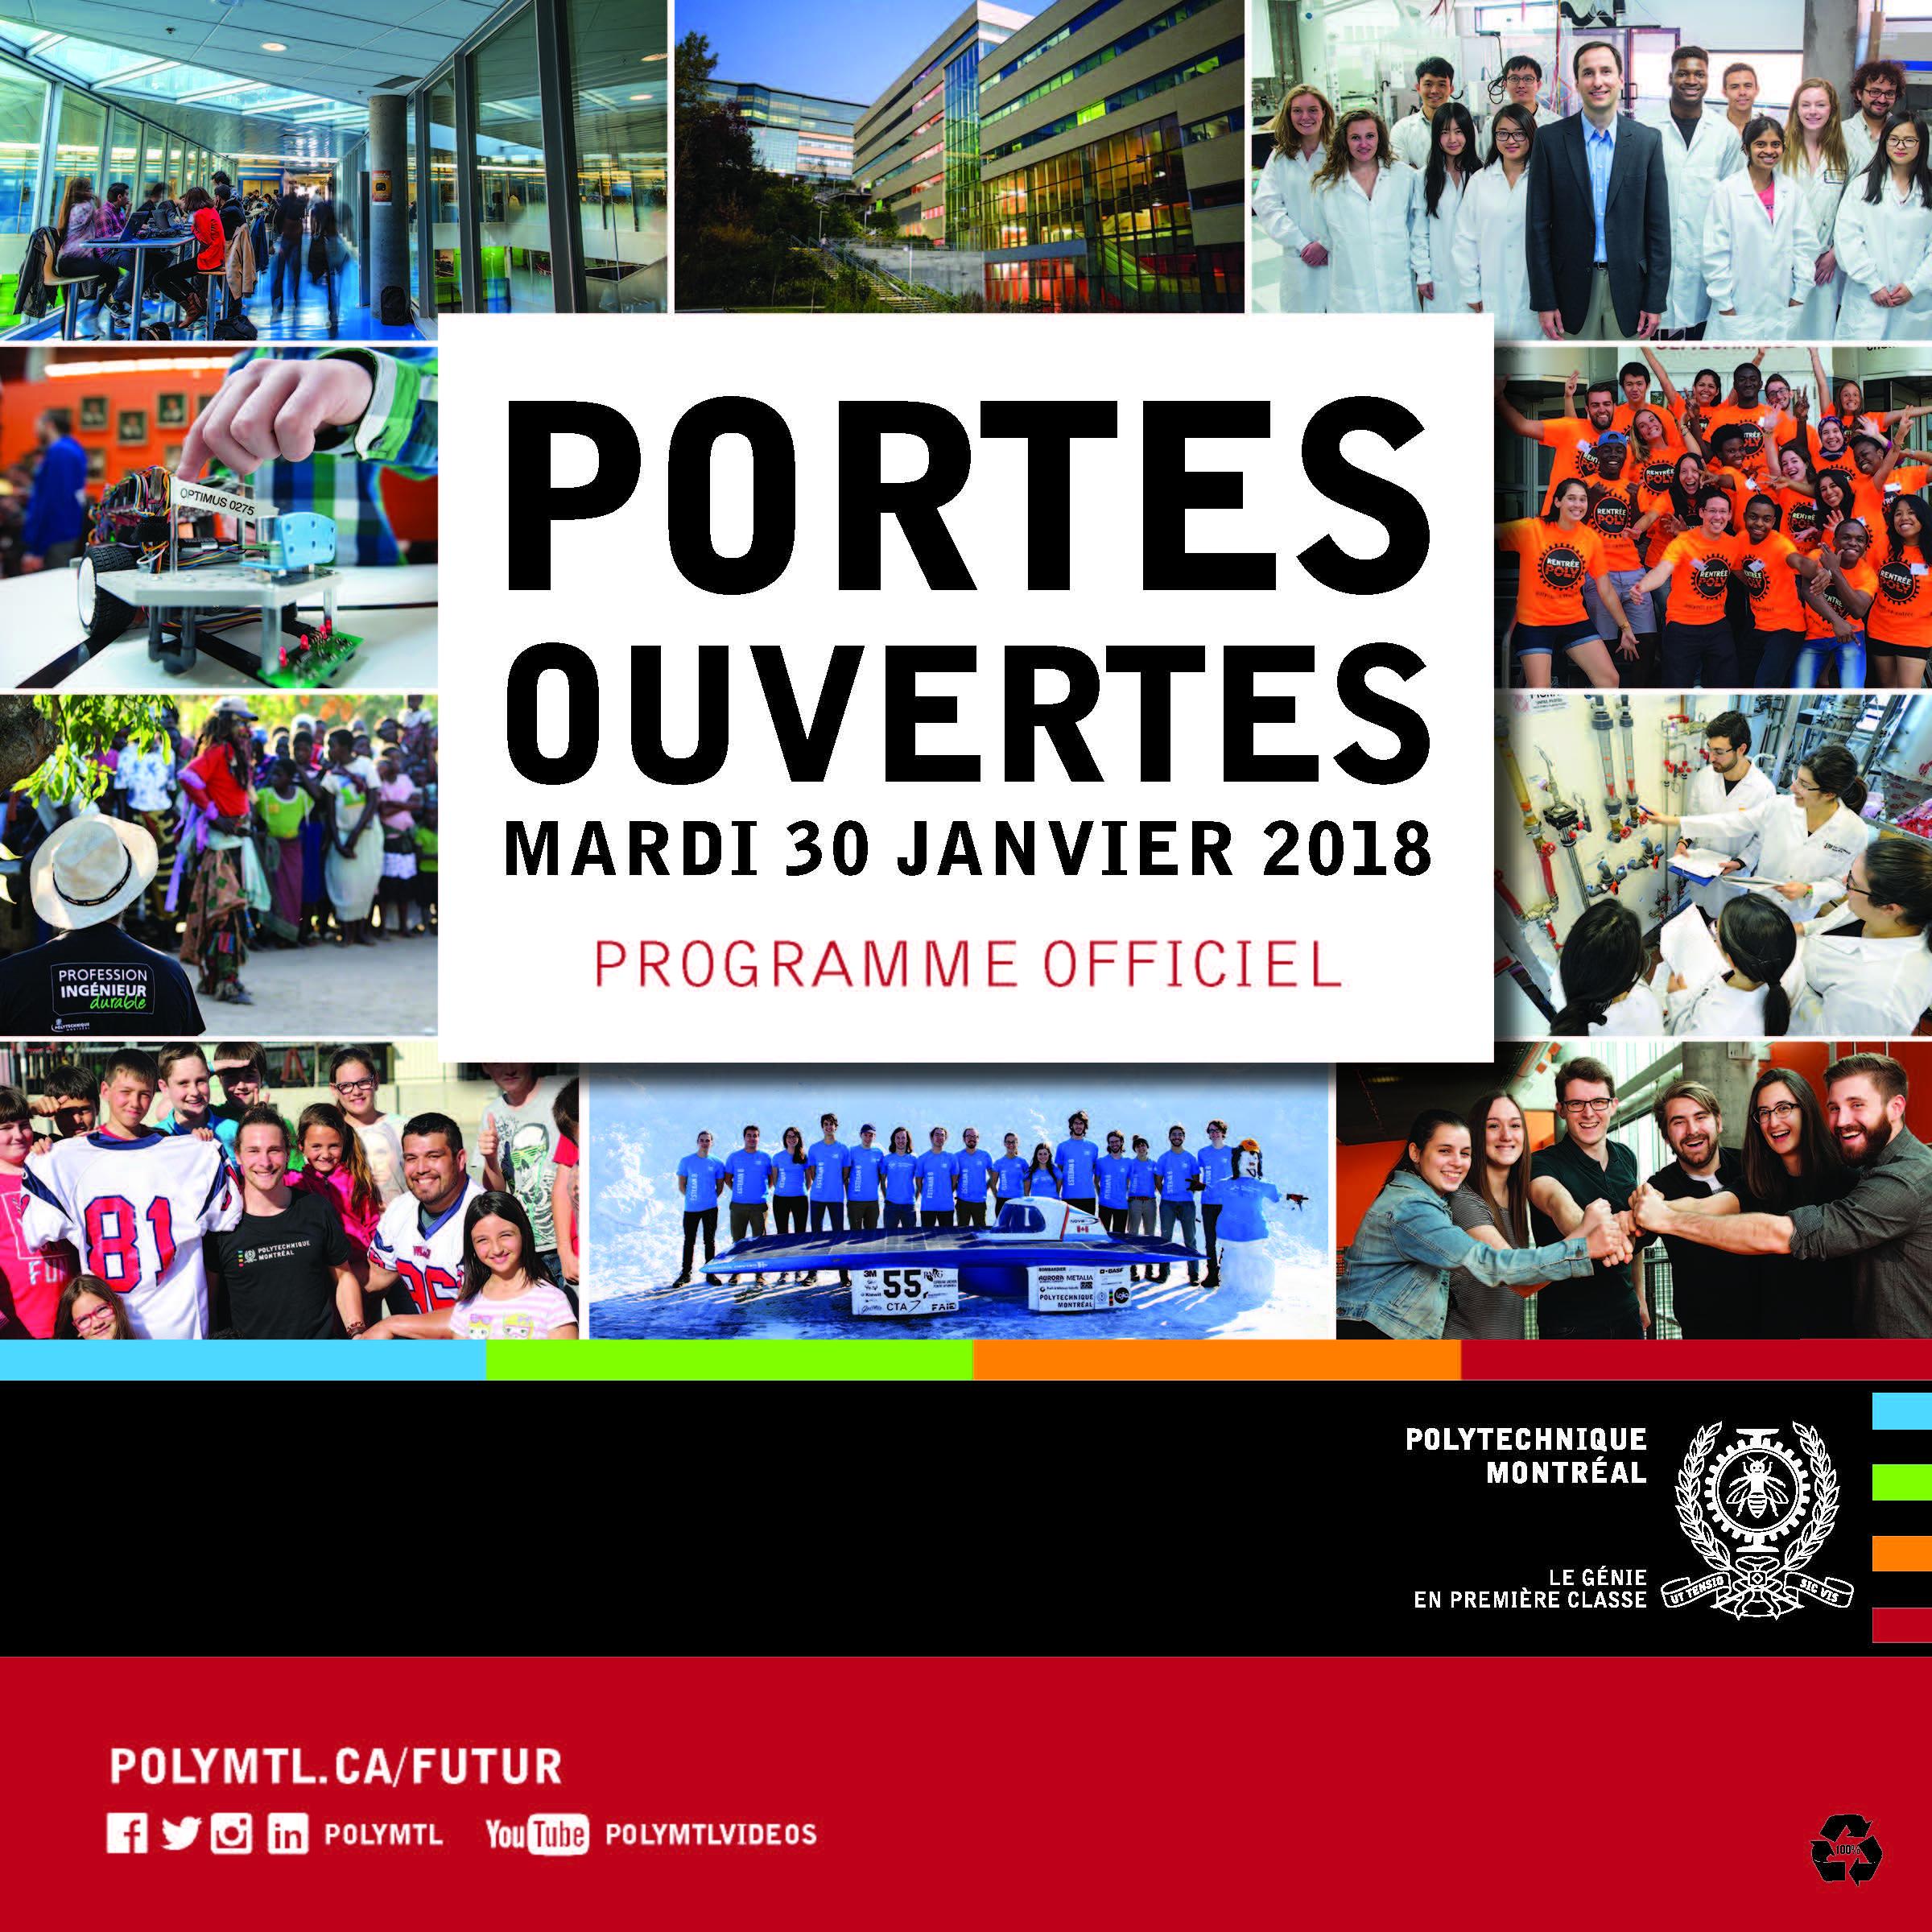 Portes ouvertes Polytechnique Montréal - Programme